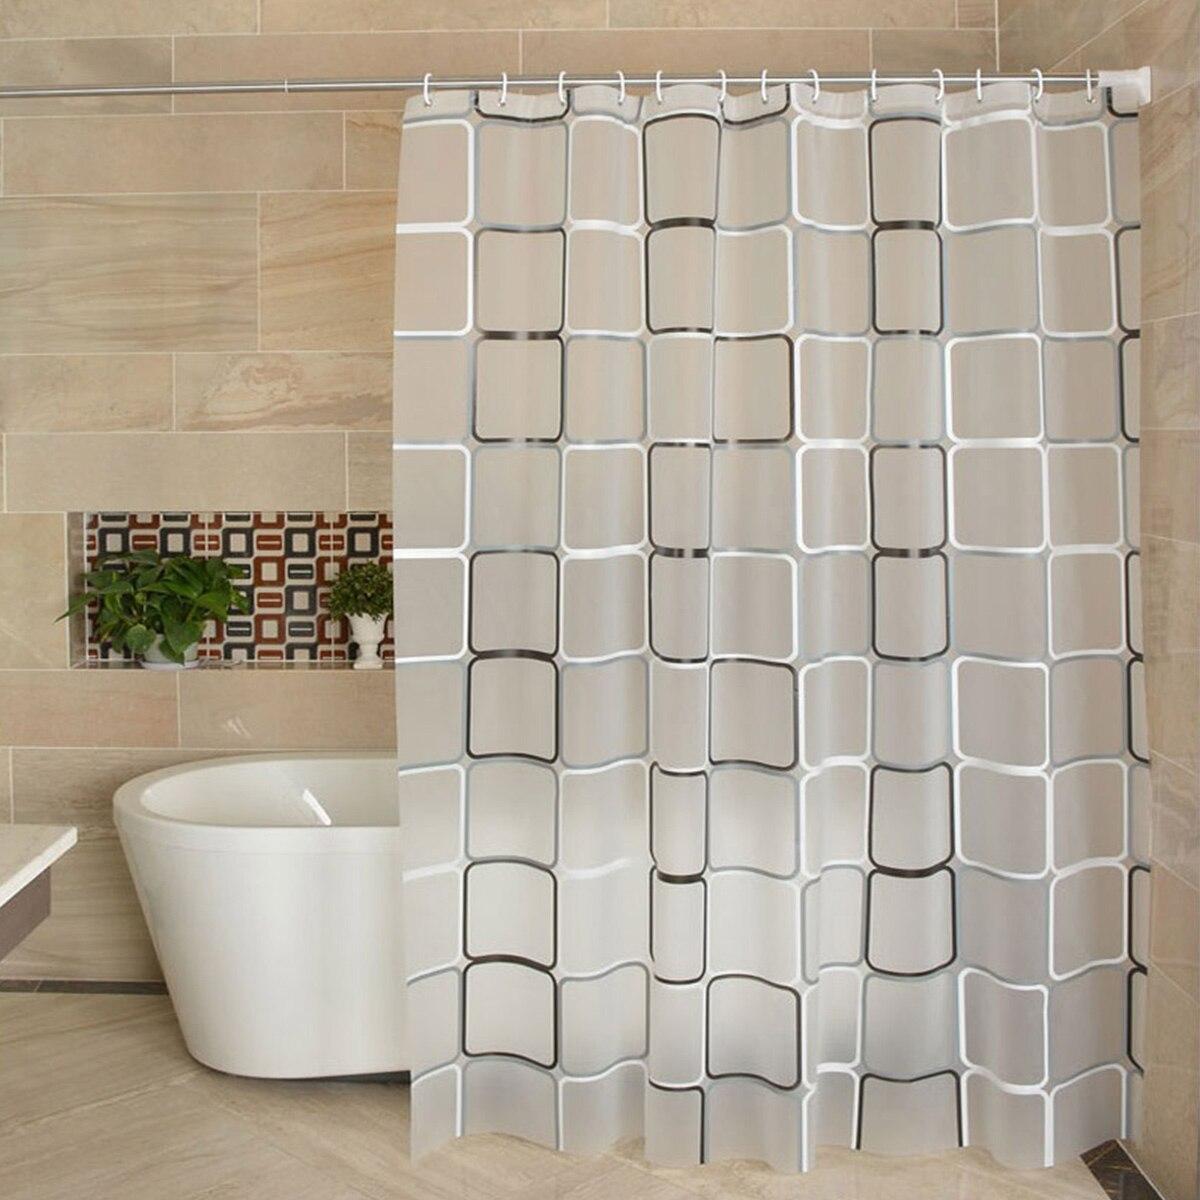 防水 PEVA シャワーカーテン透明カビカーテン風呂浴室のシャワーカーテン 12 高品質フック